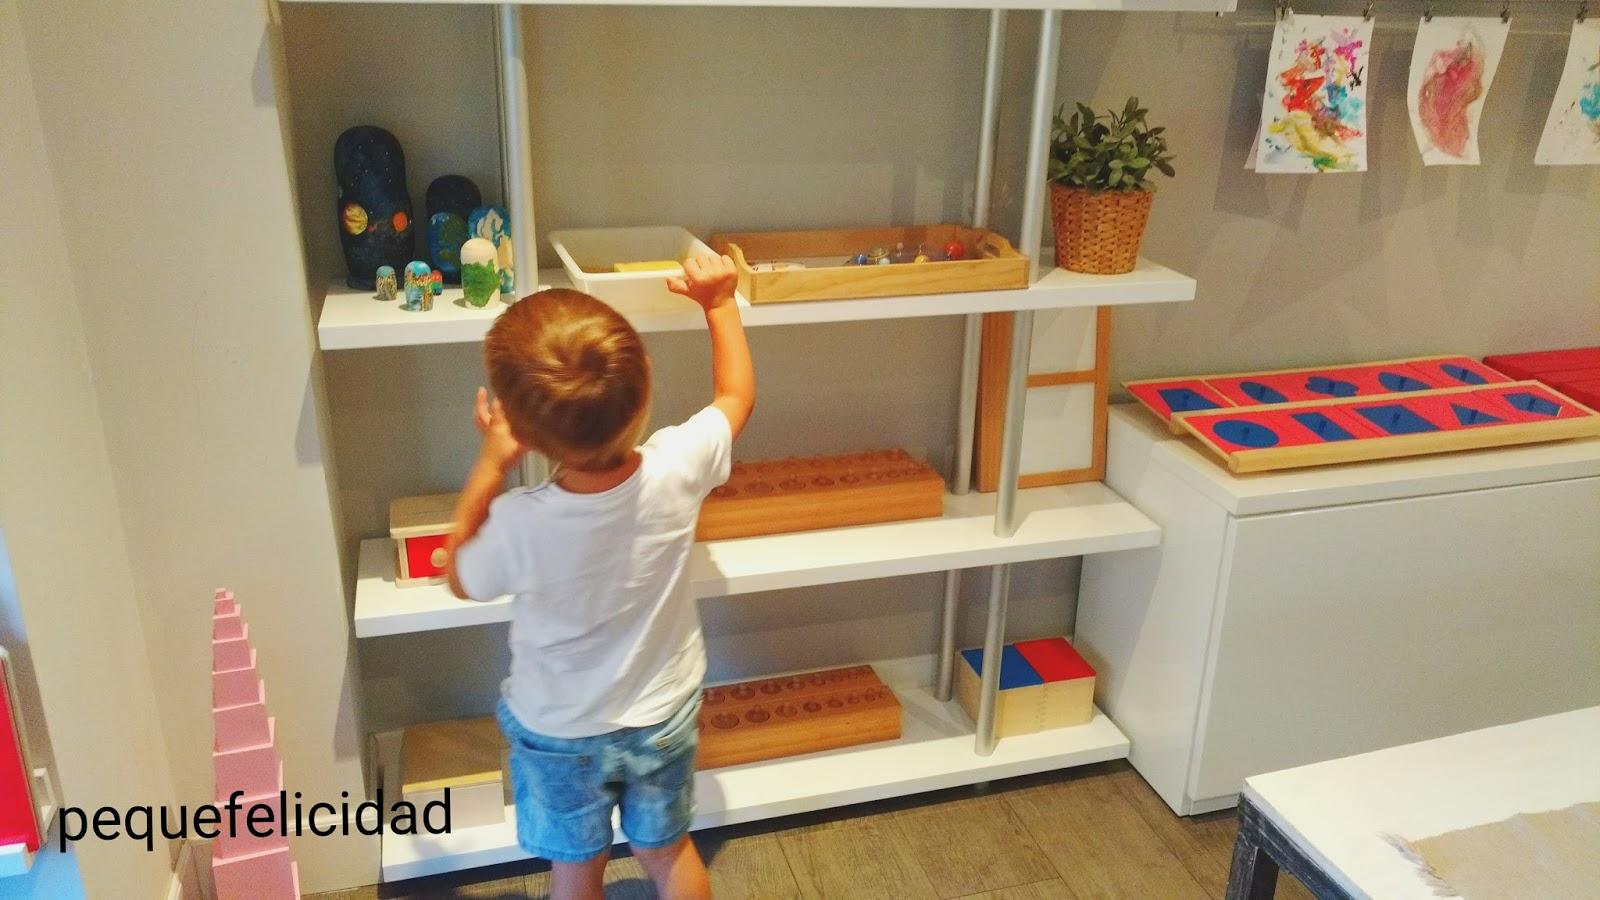 al lado de las estanteras de materiales y juguetes colocaremos una cesta con manteles y tapetes de distintos colores y tamaos